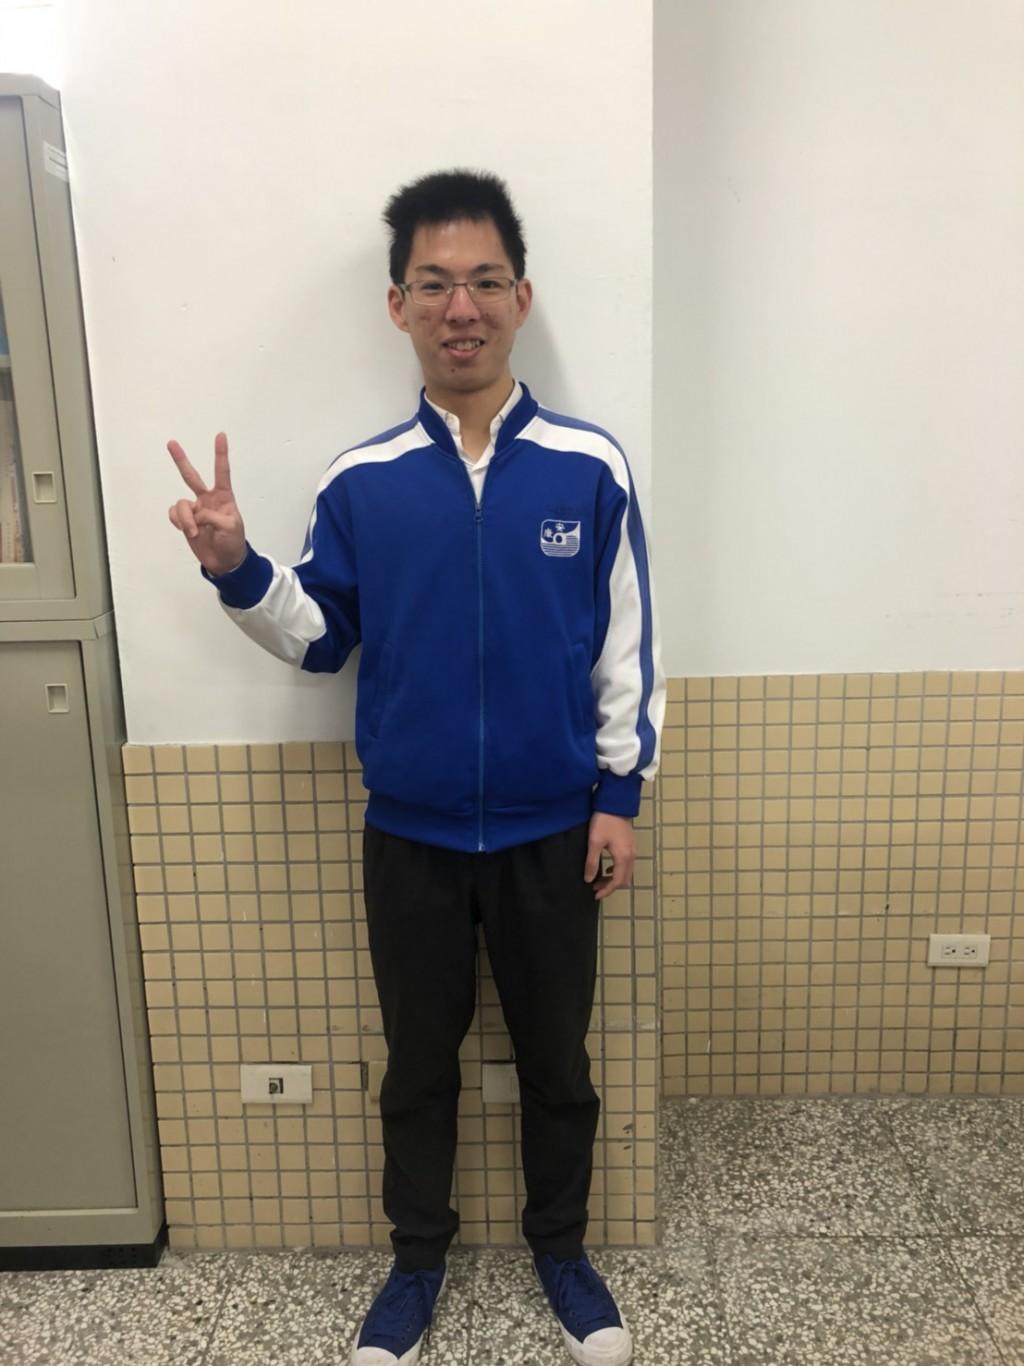 安康高中--龔一桓 (新北市政府教育局提供)